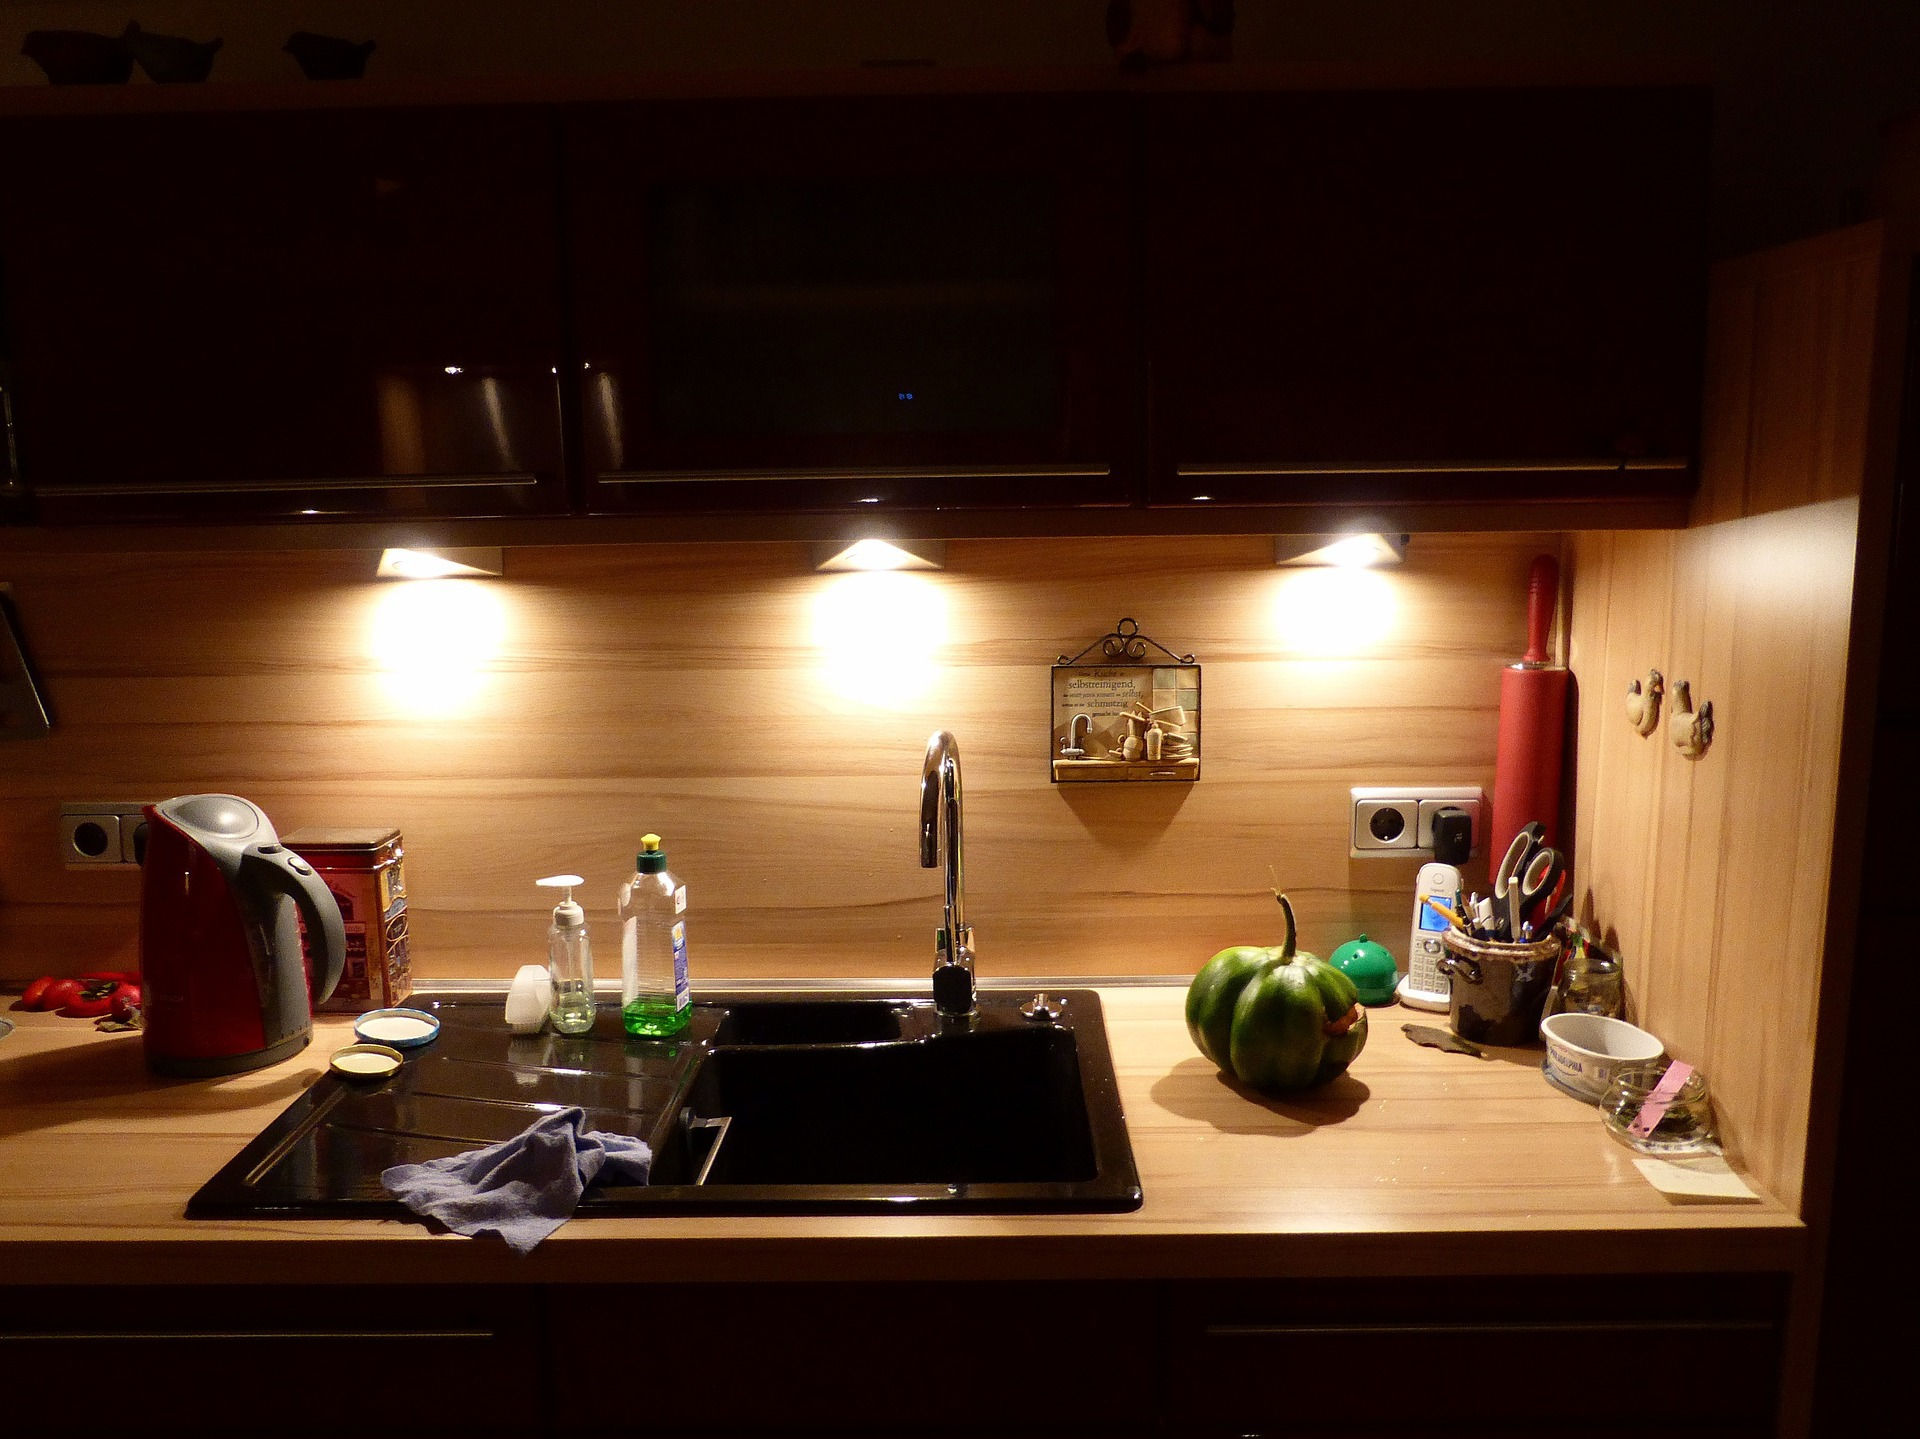 Runde Spülbecken gibt es in immer mehr Küchen auf gutshausblog.de